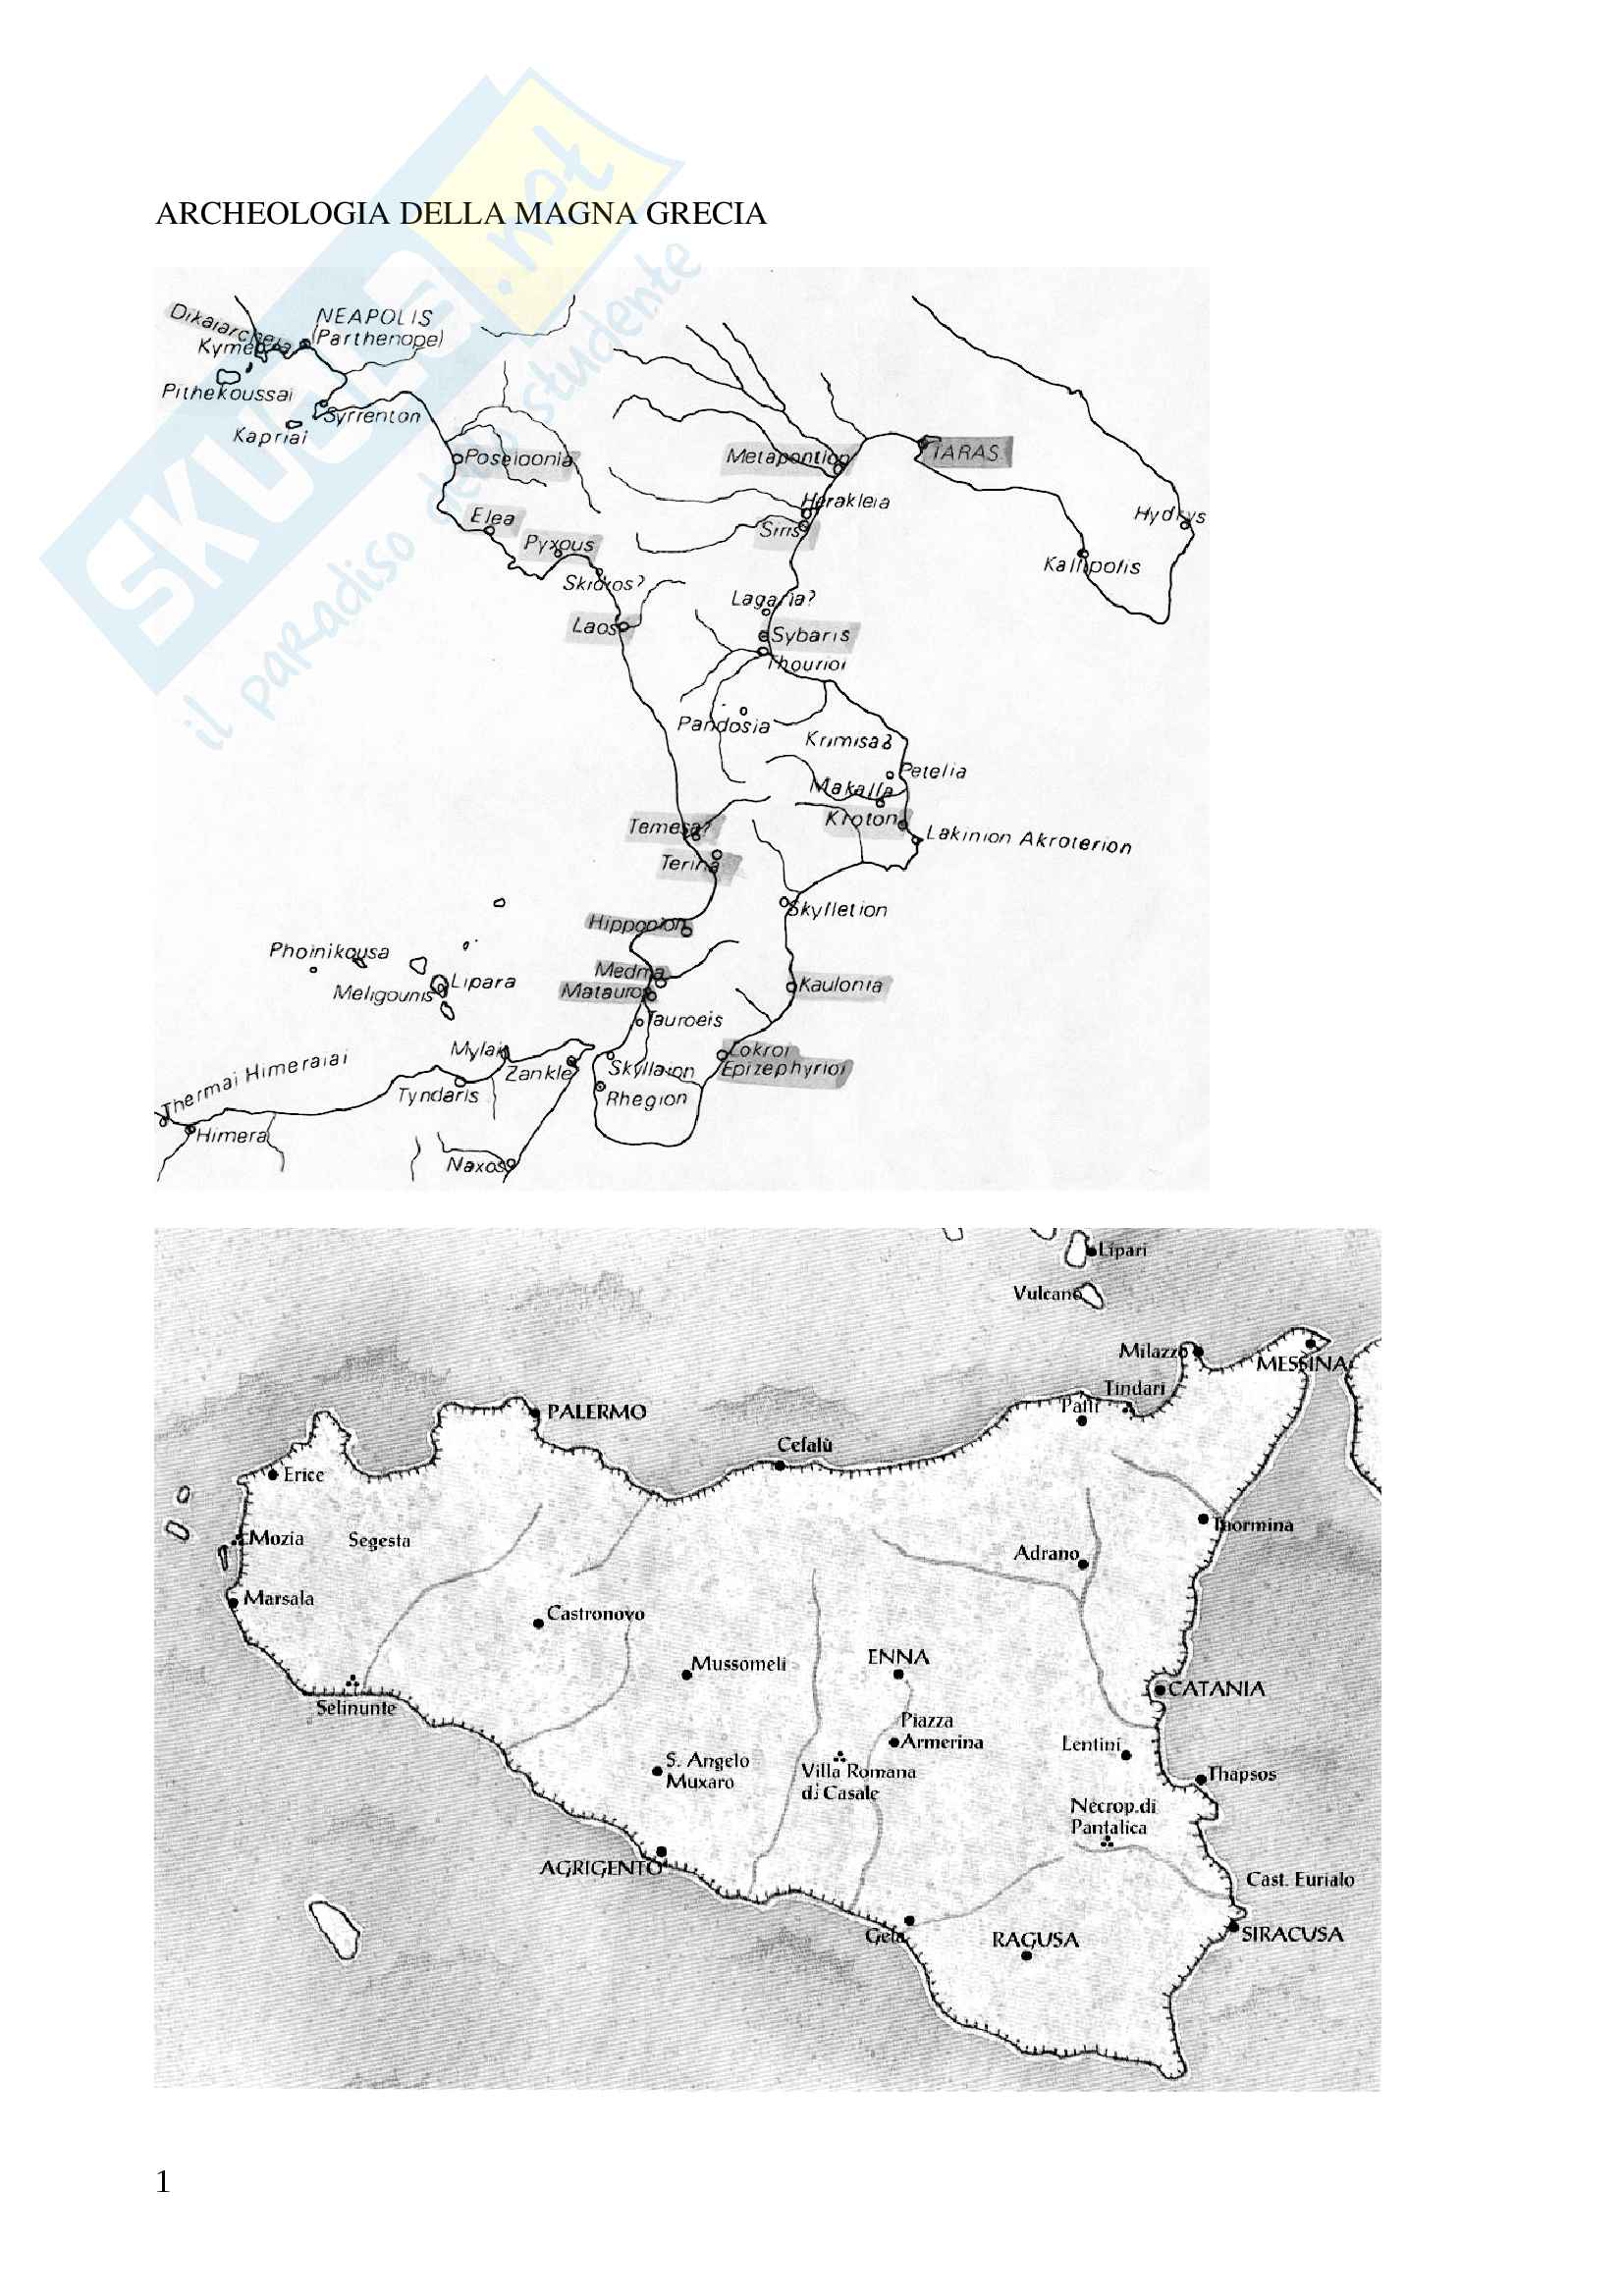 Appunti corso Magna Grecia e Sicilia con immagini